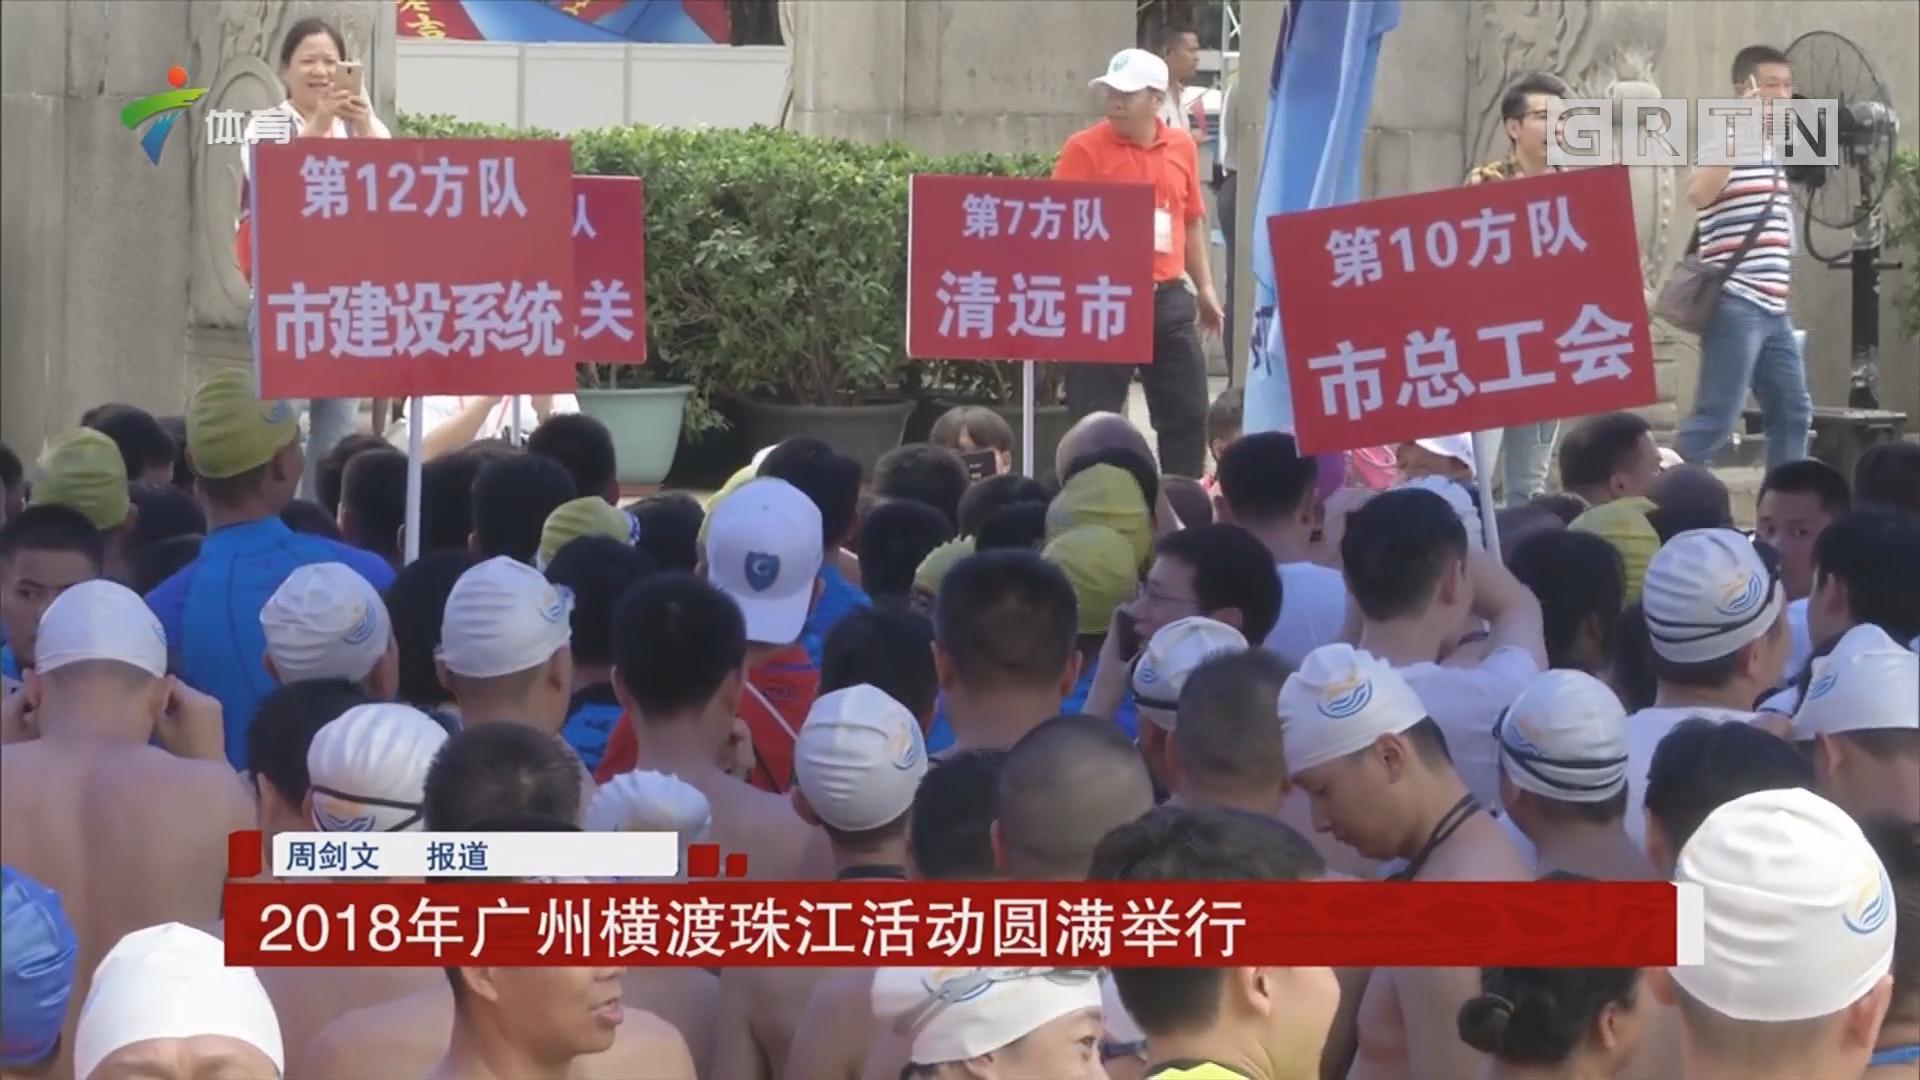 2018年广州横渡珠江活动圆满举行